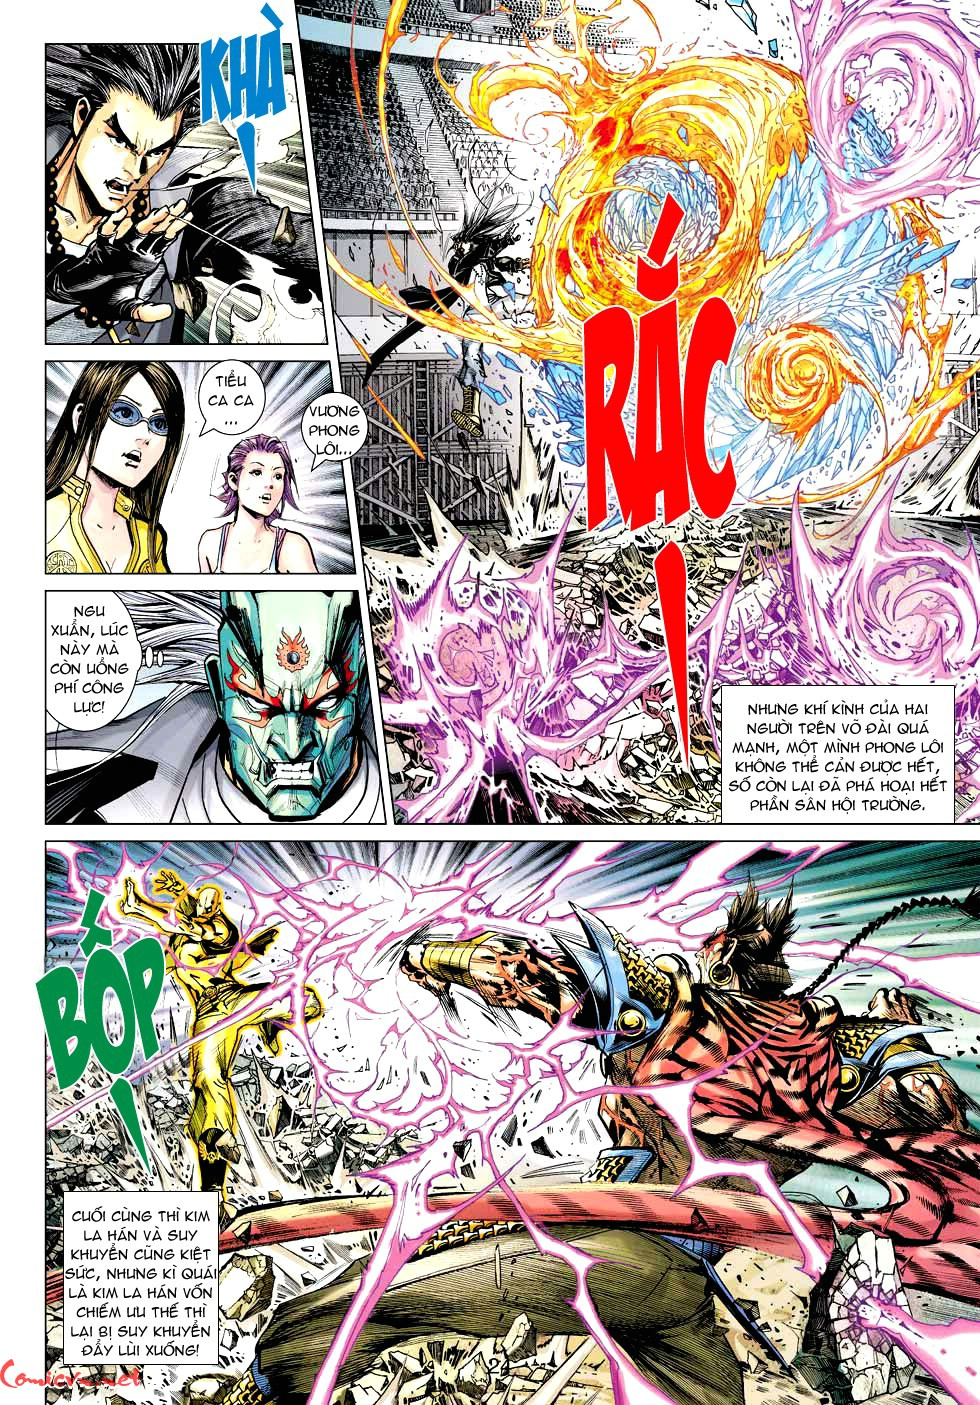 Vương Phong Lôi 1 chap 30 - Trang 21